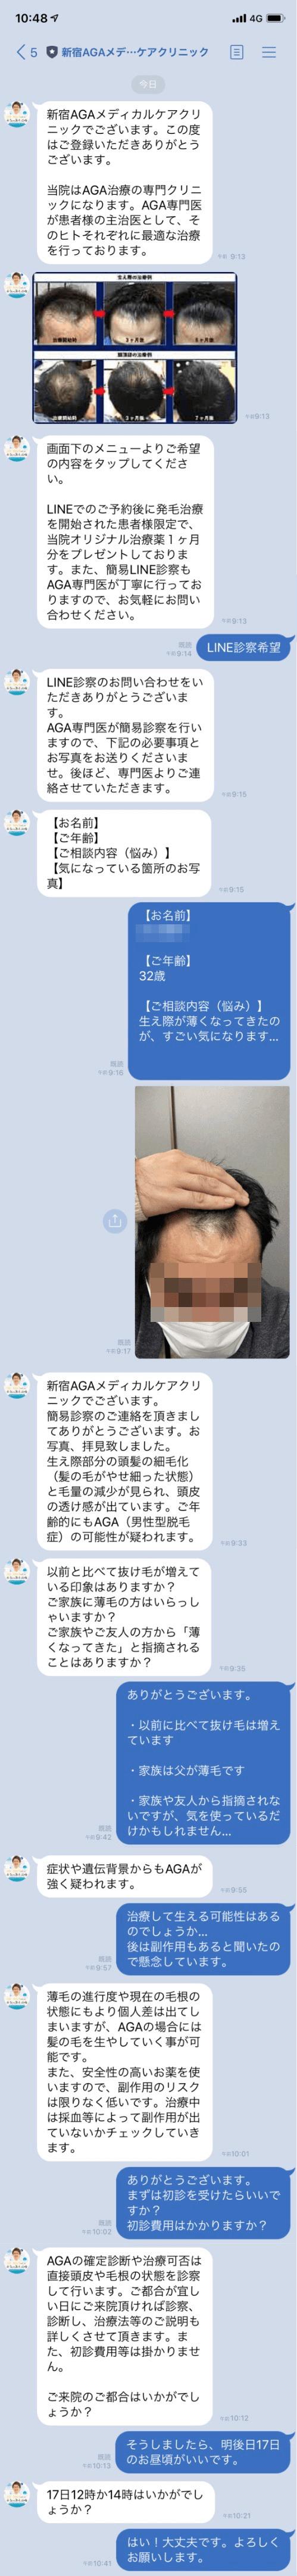 新宿AGAメディカルケアクリニックのLINE診断